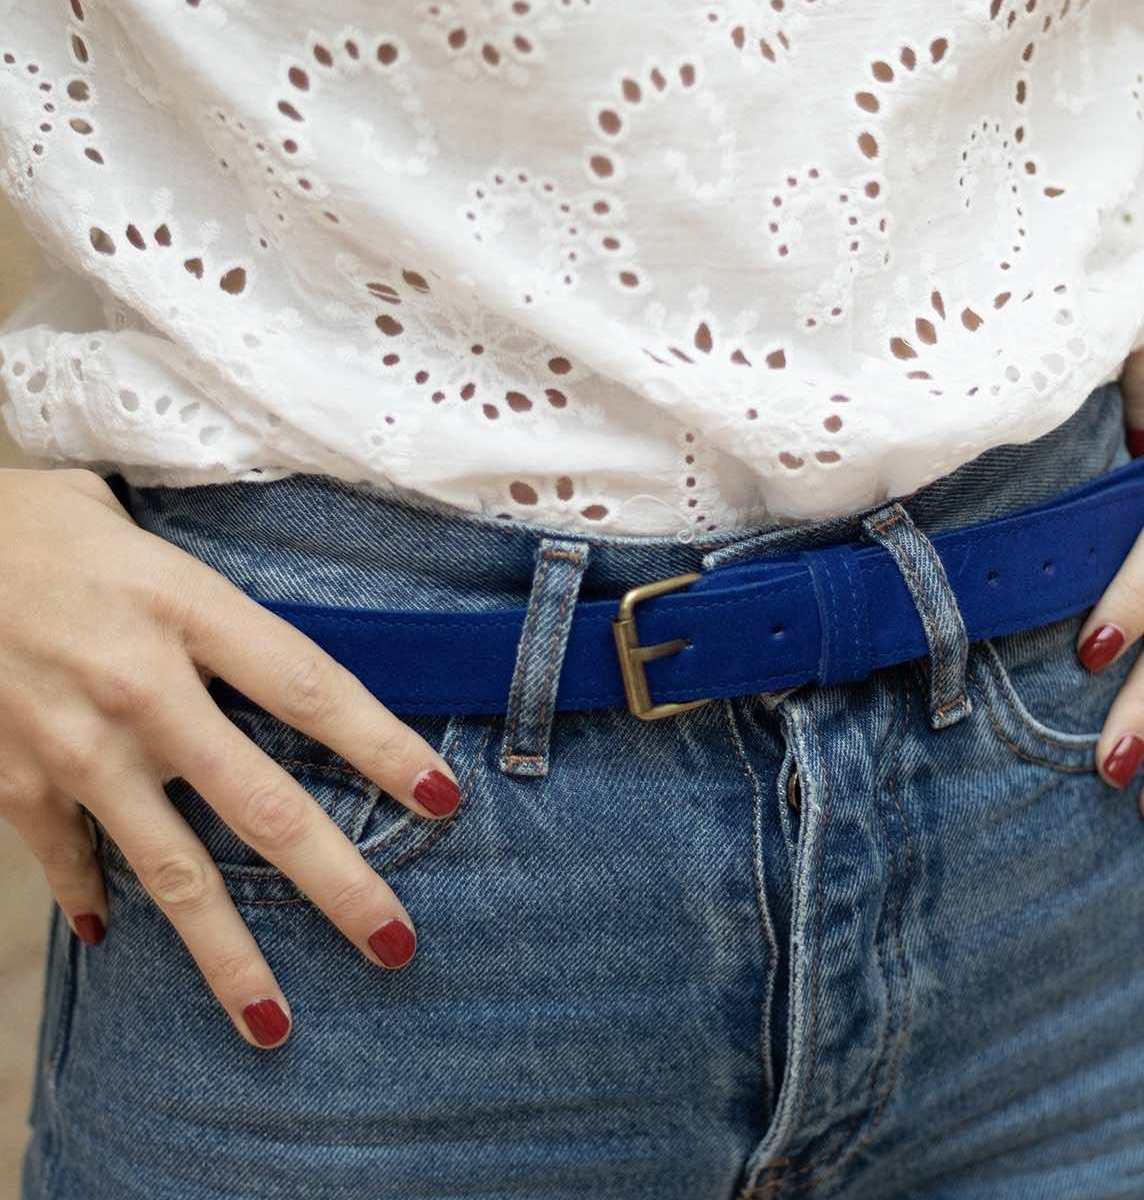 Wagapé ceinture cuir daim bleu majorelle disponible en 3 tailles